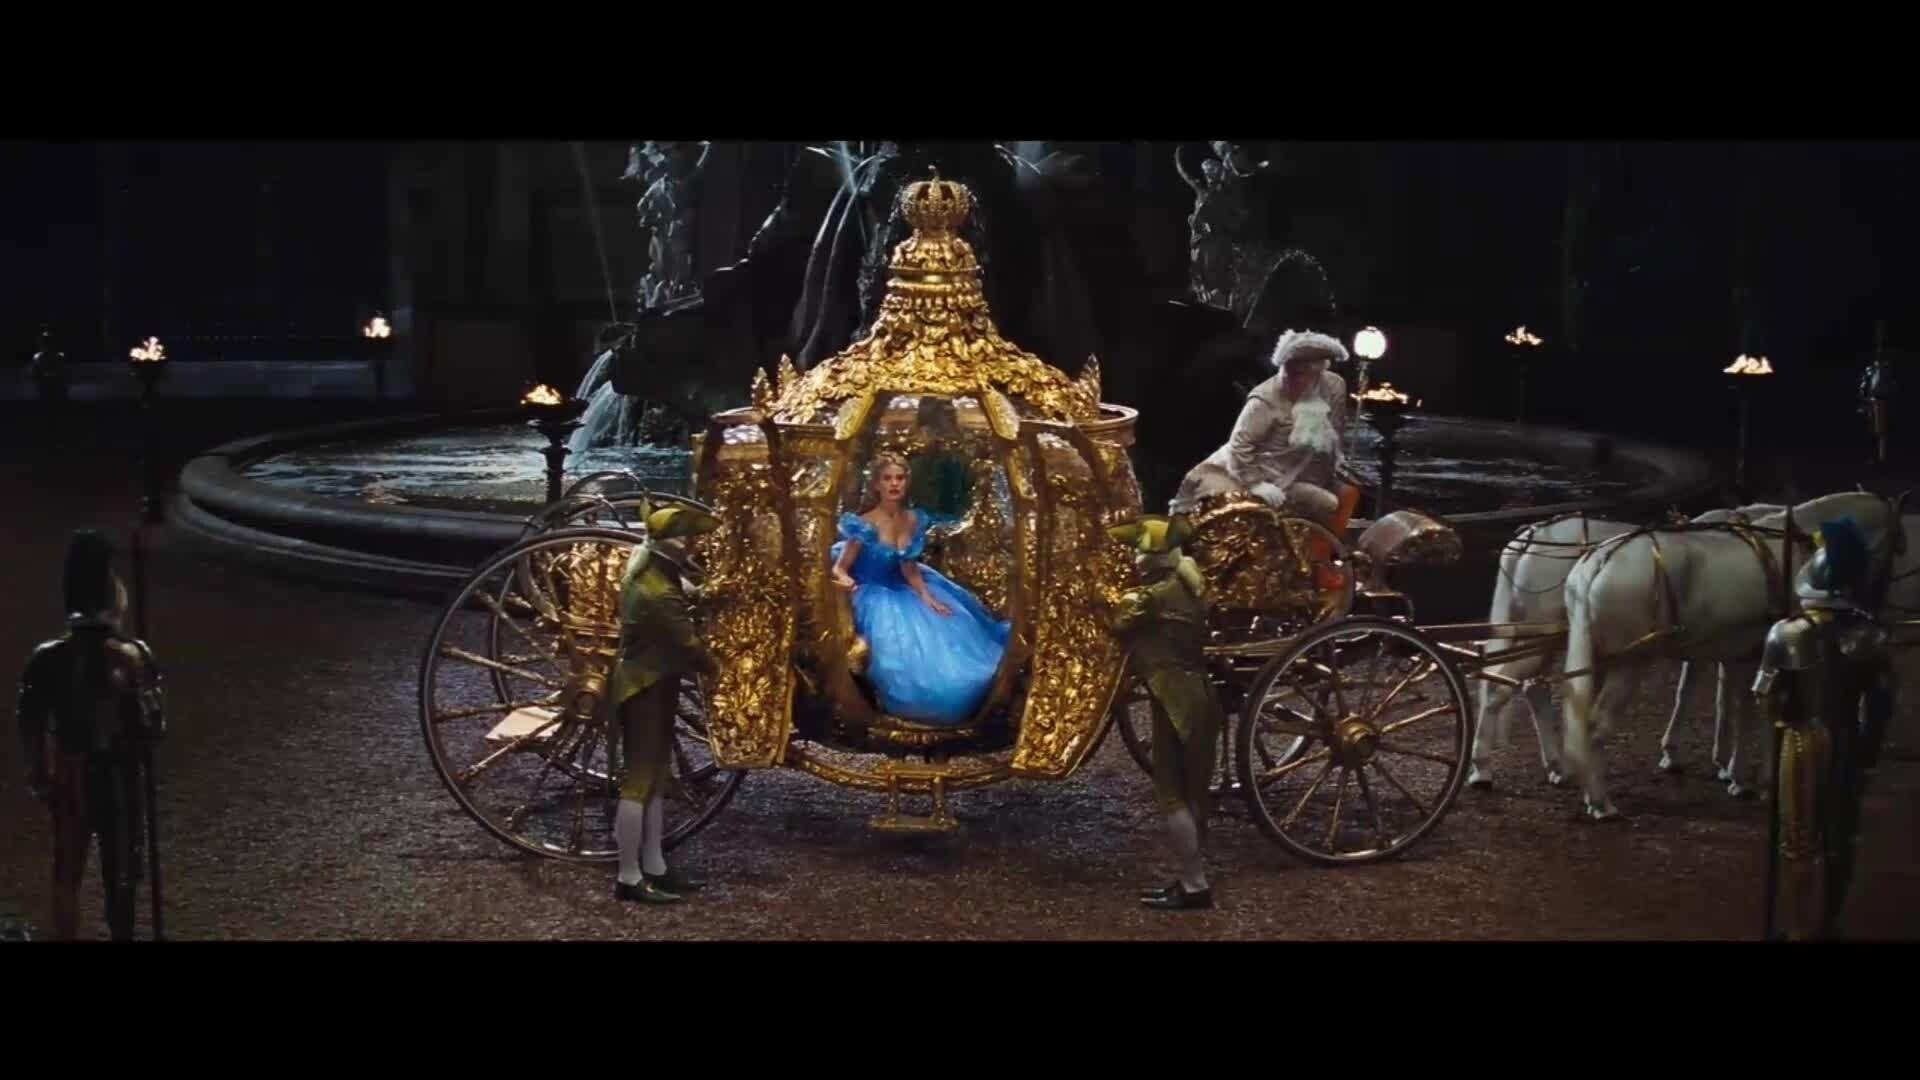 Cinderella - Jetzt auf DVD, Blu-ray™ und Video on Demand